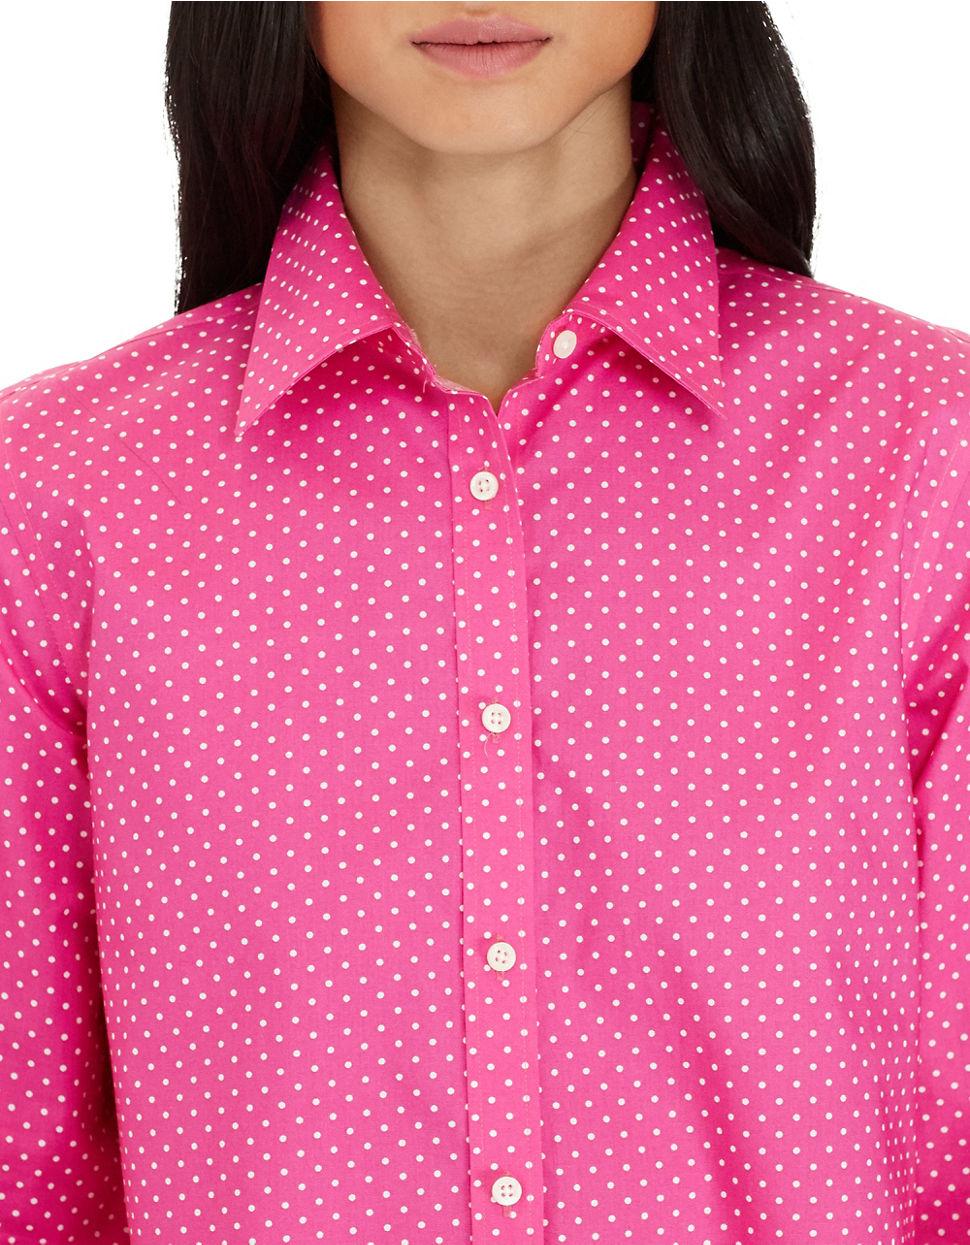 Lauren By Ralph Lauren Polka Dot Cotton Shirt In White Lyst